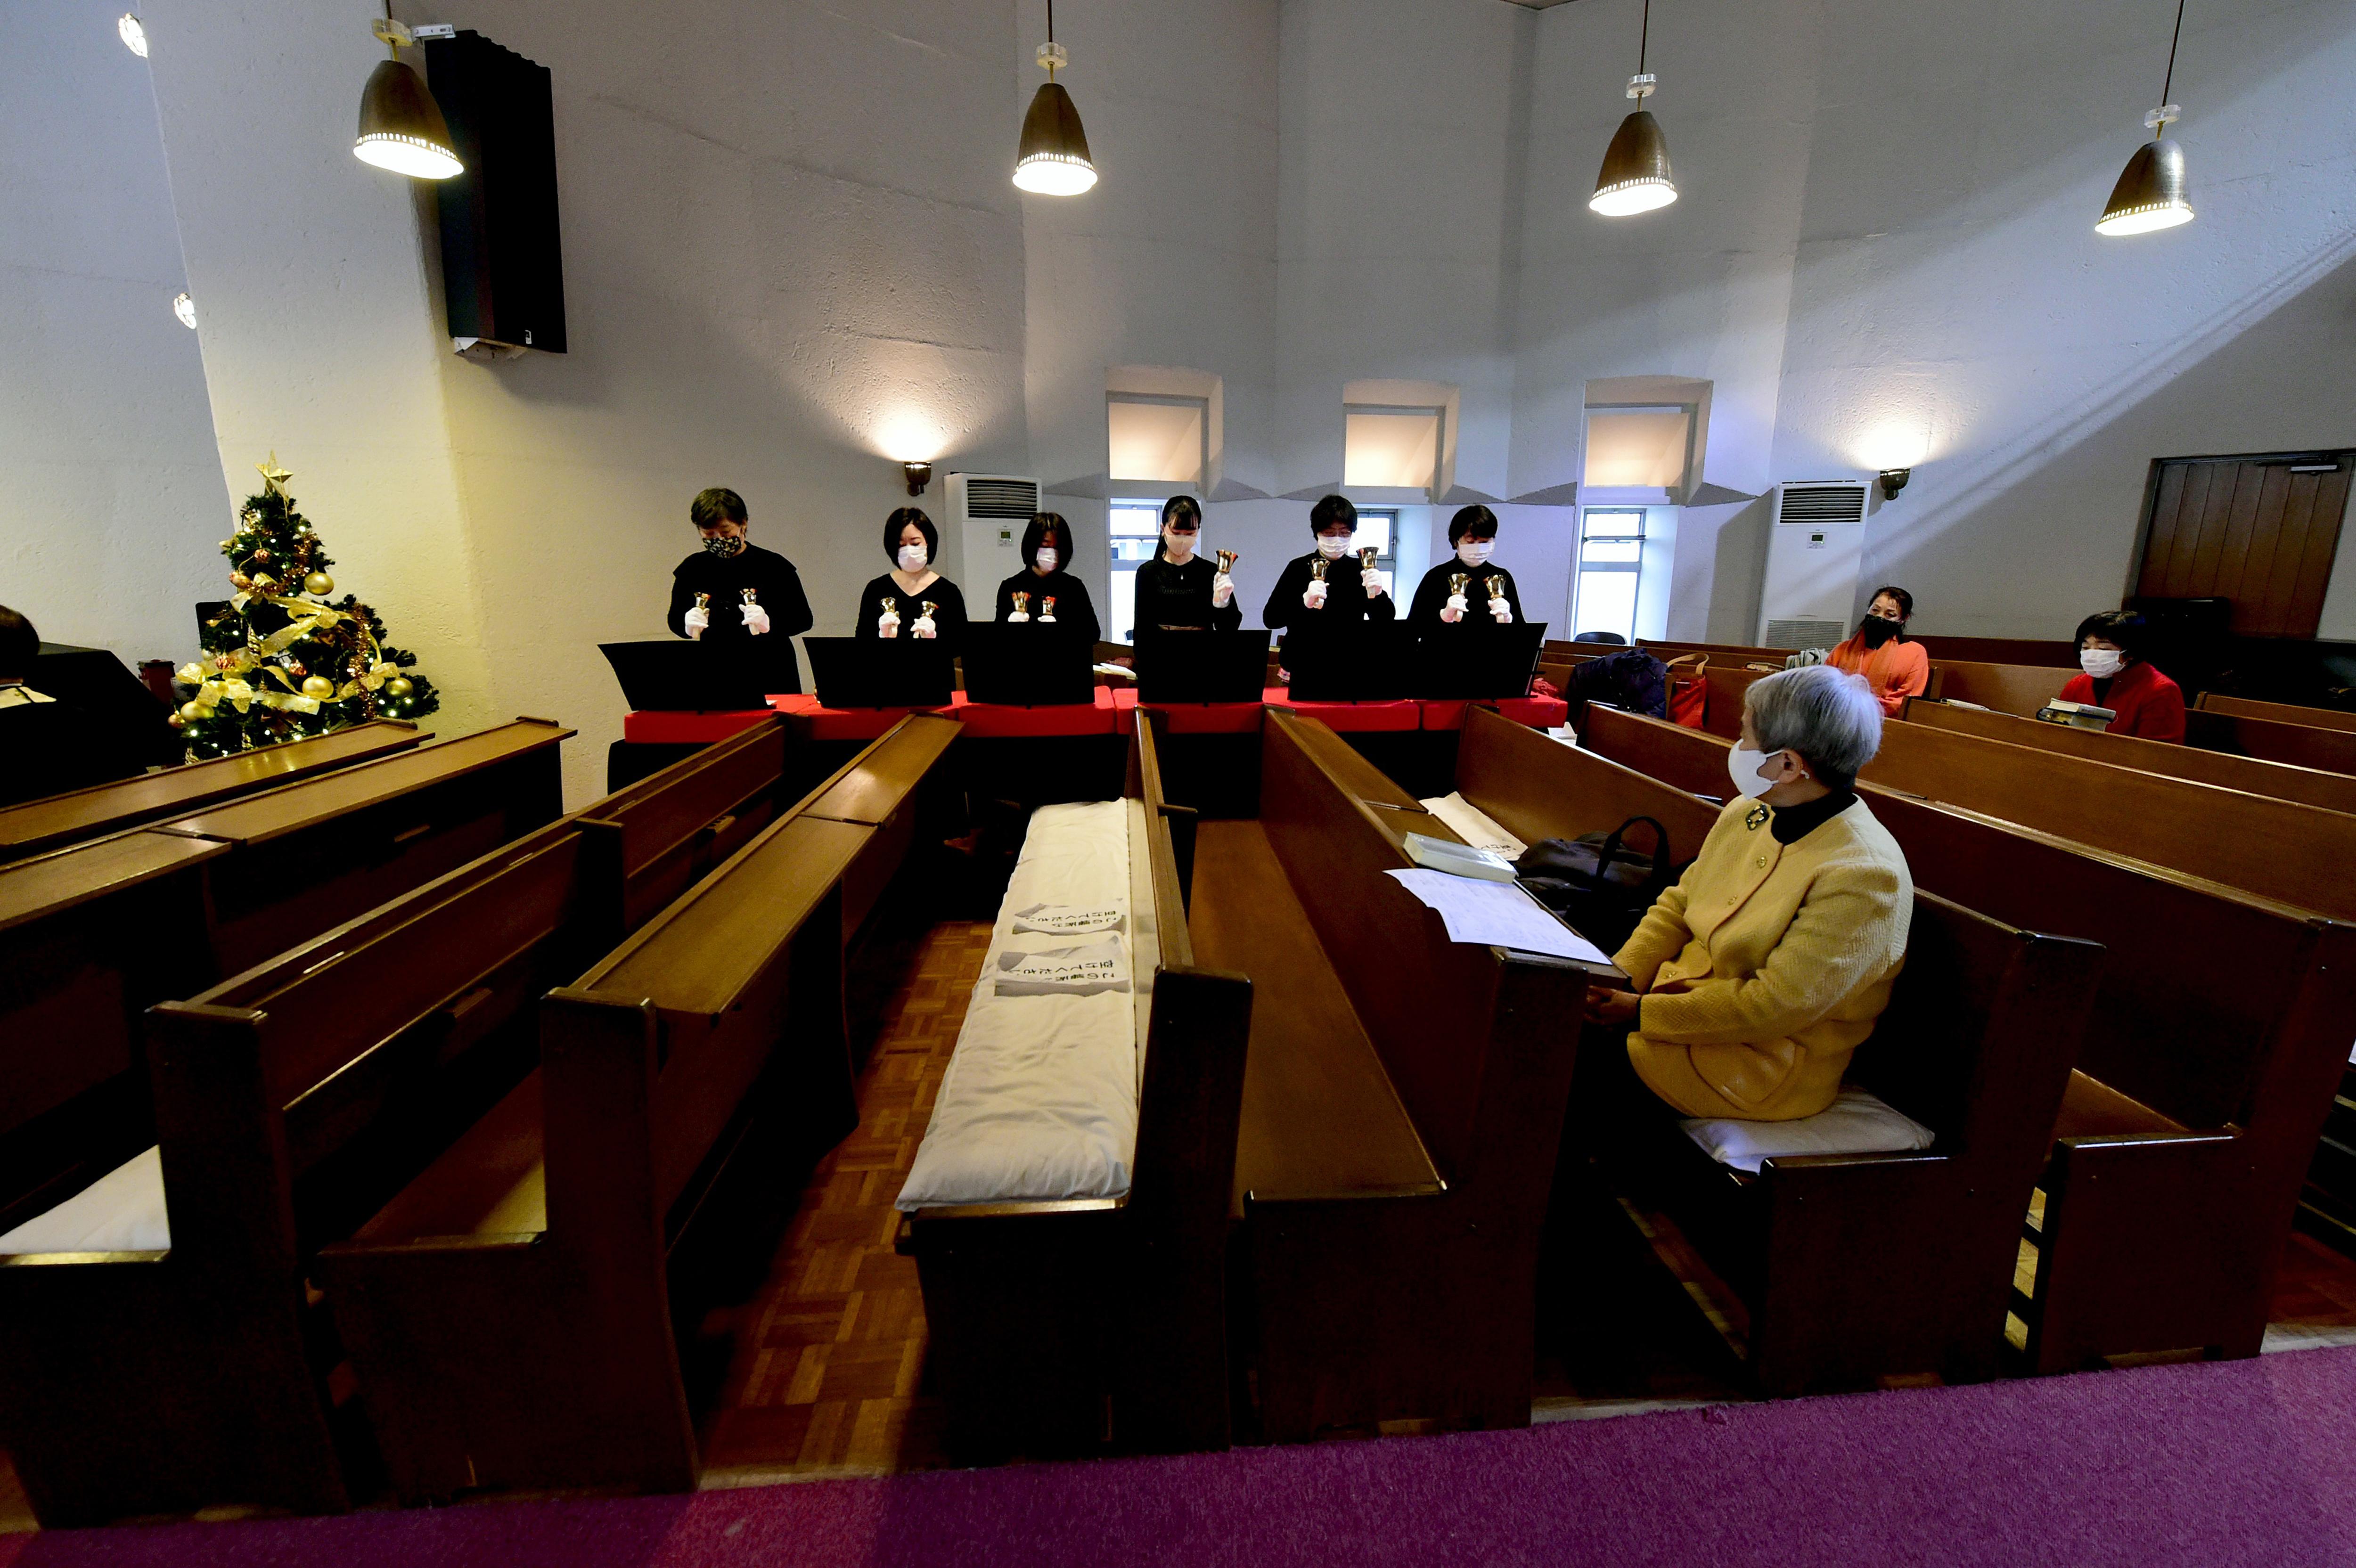 Közel százan fertőződtek meg Amerikában, miután részt vettek egy templomi ünnepségen